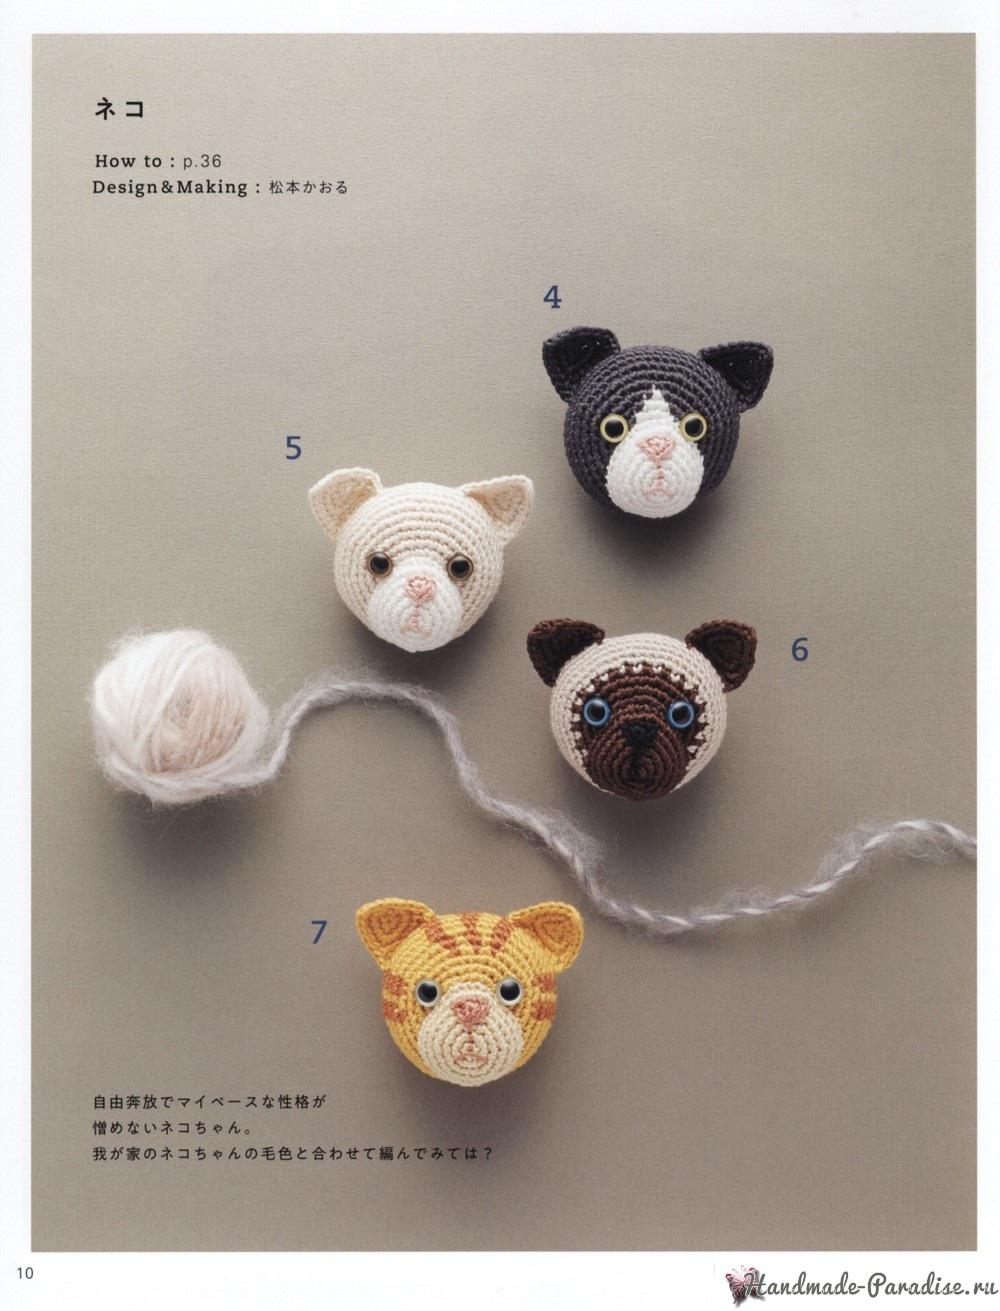 Asahi Original - Animal Brooch 2019 (8)